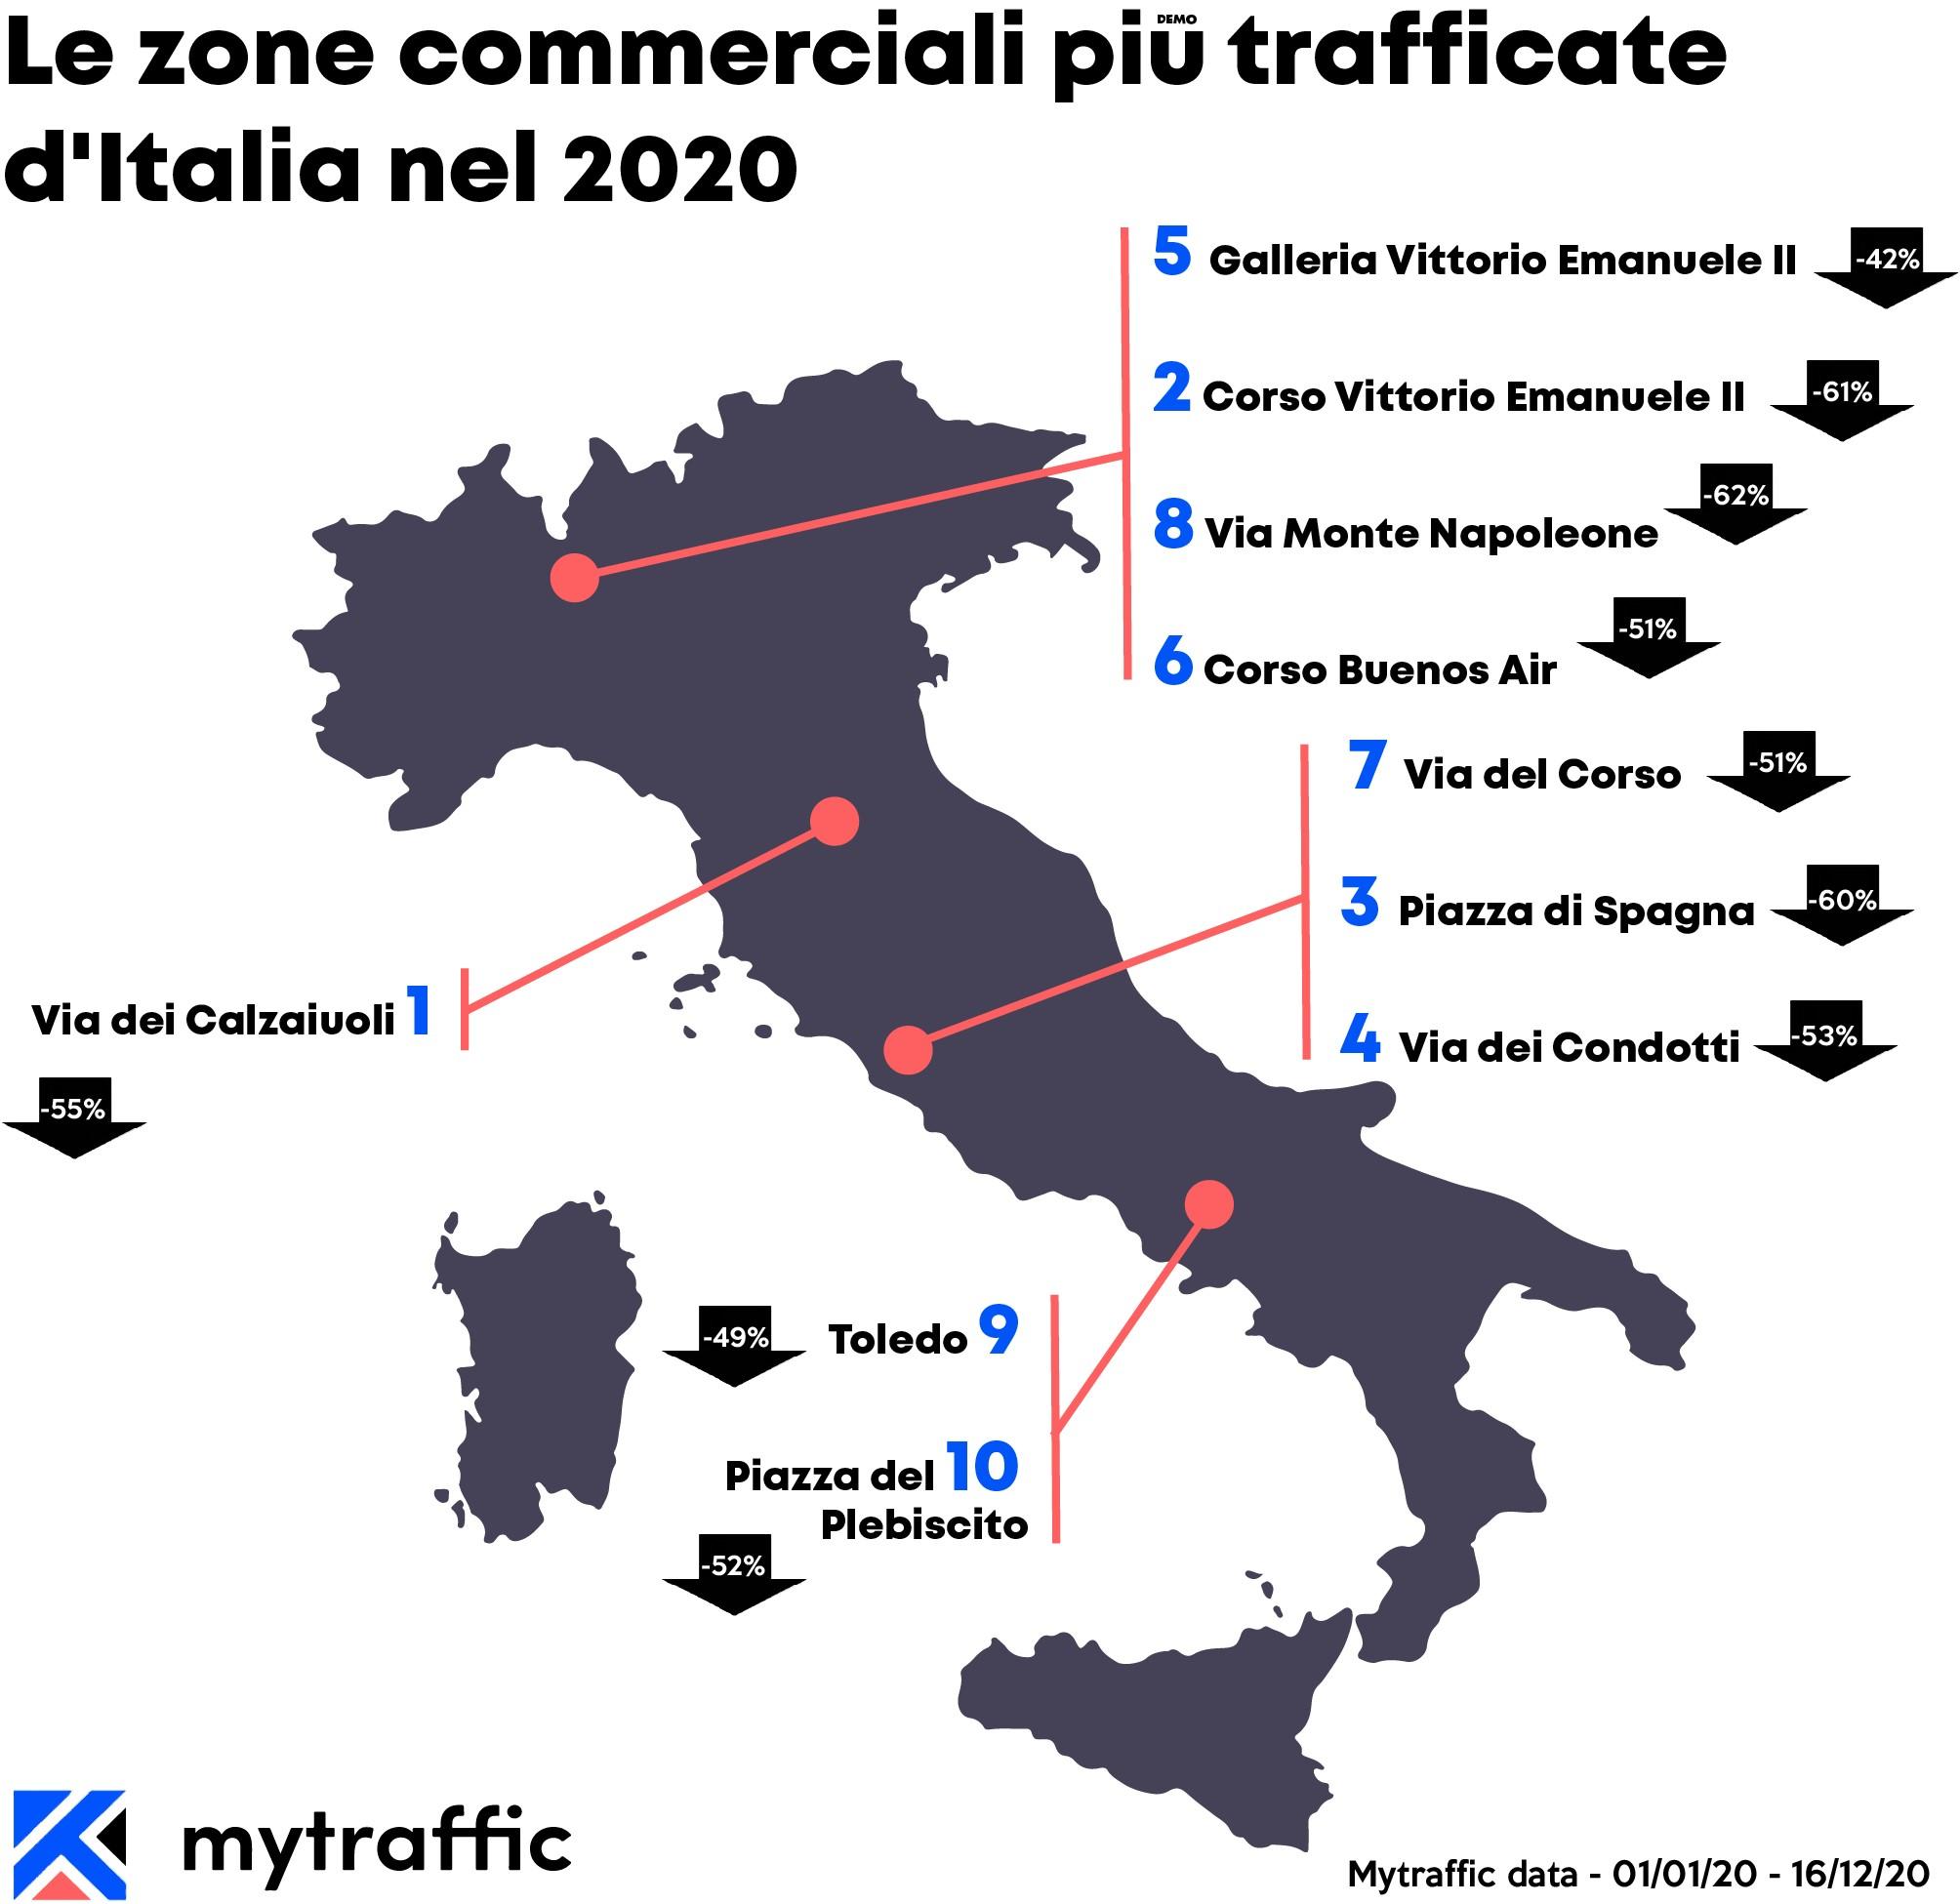 Mytraffic 1